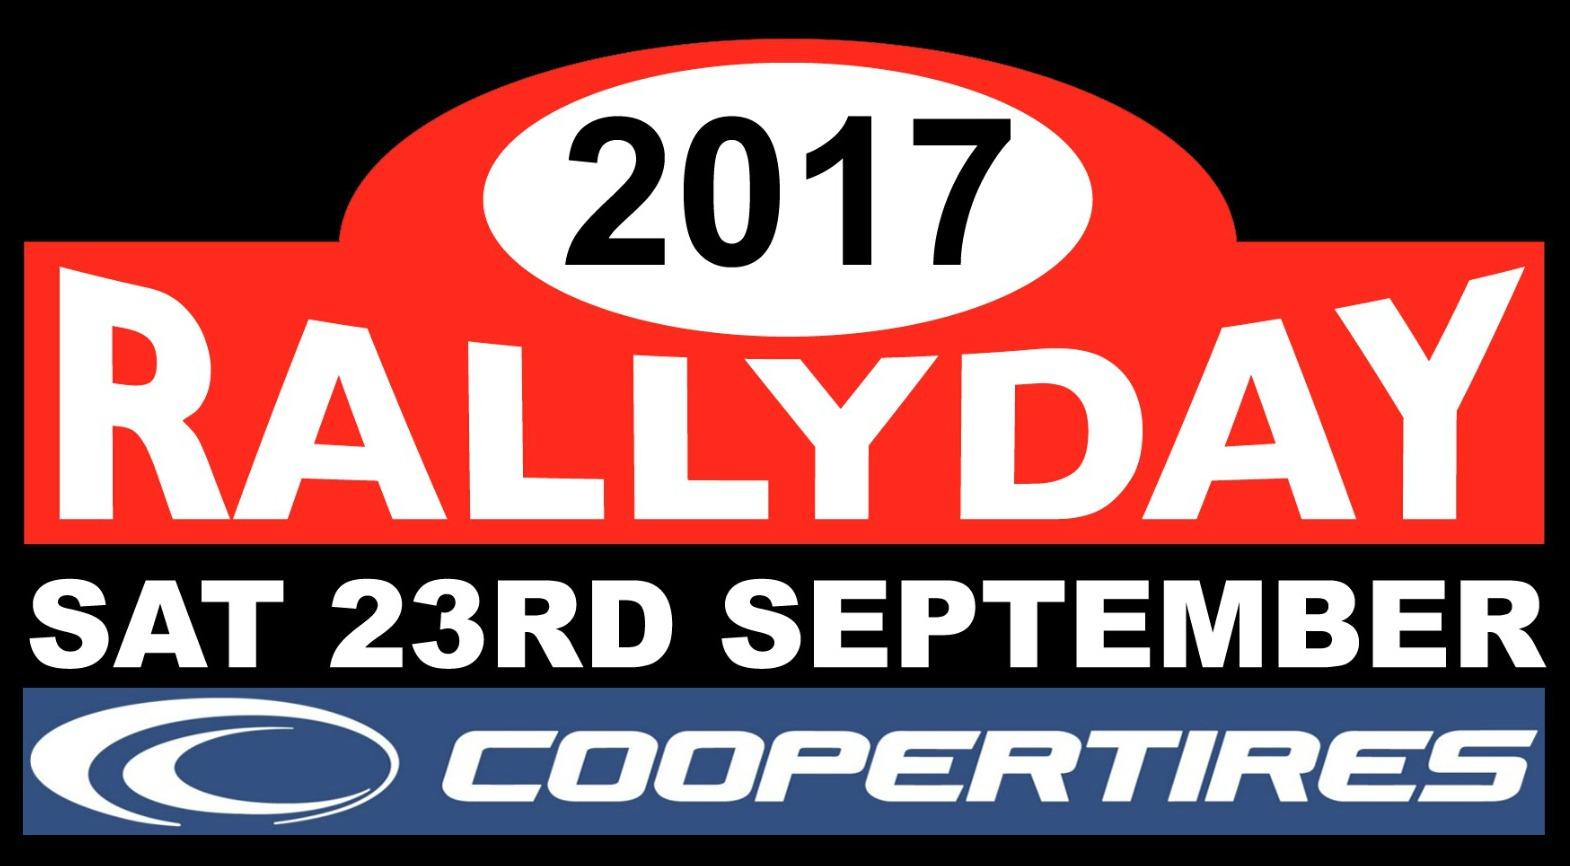 2017 UK Rallyday